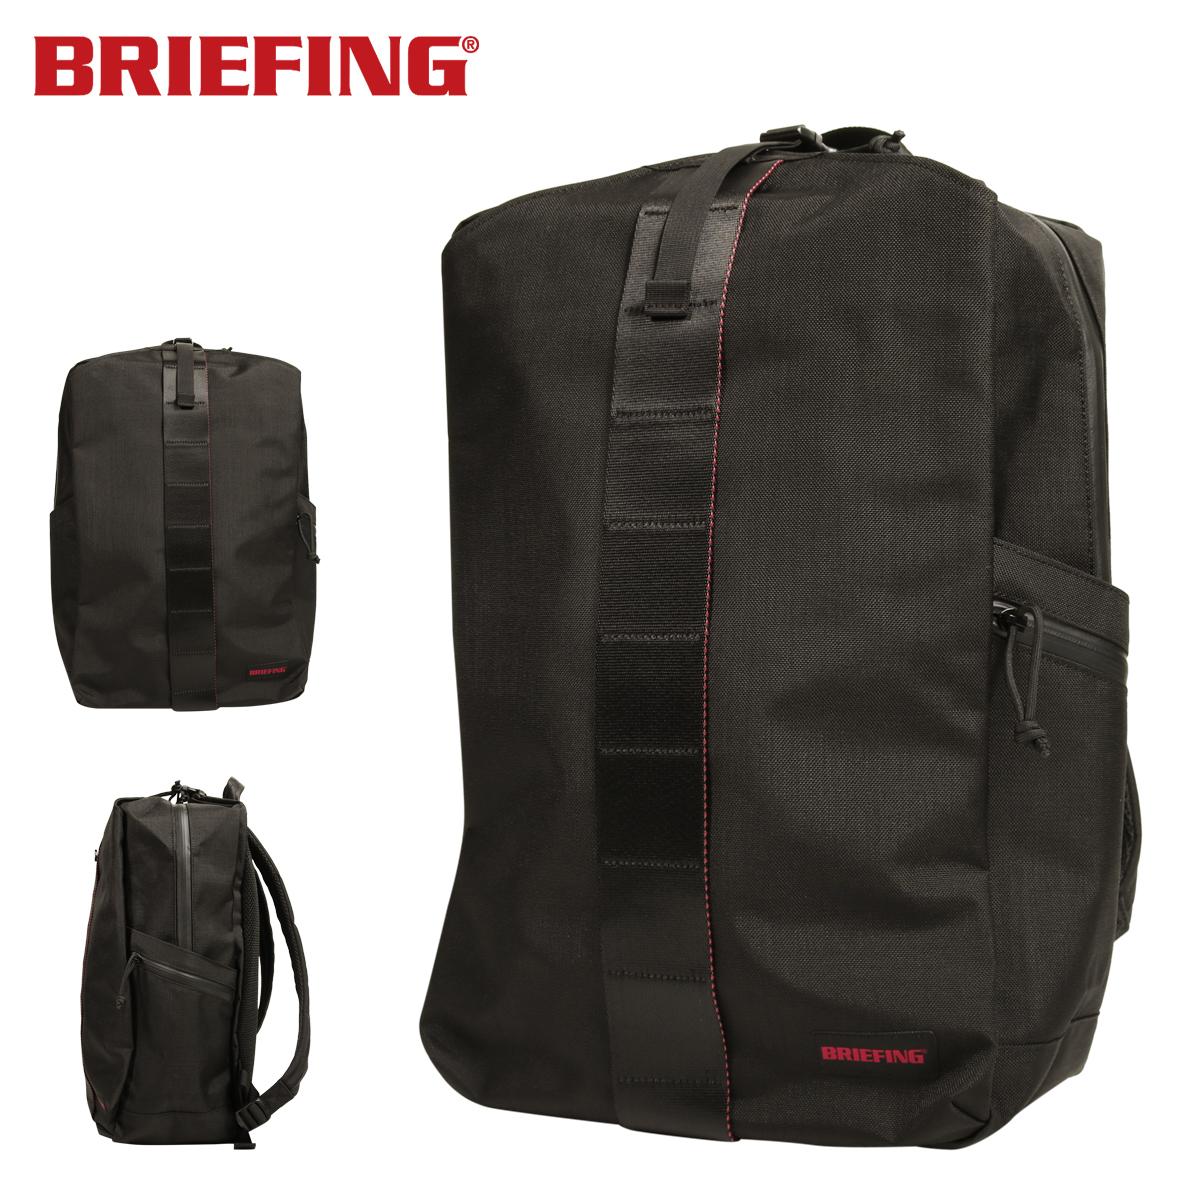 ブリーフィング リュック A5 29L メンズ BRL193P41 BRIEFING | バックパック 止水ファスナー